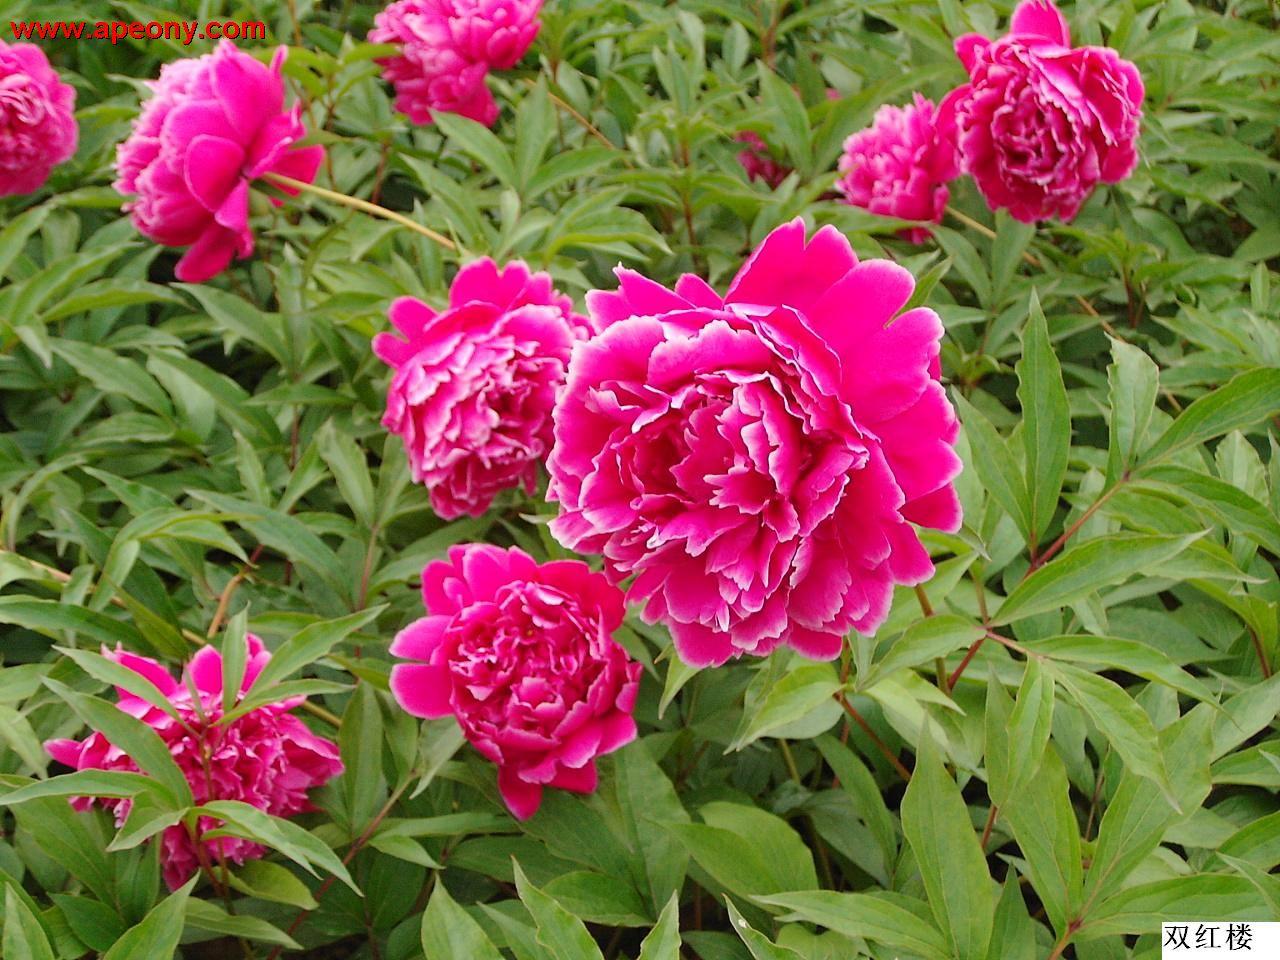 芍药花和牡丹花适合什么样的土壤种植展开 ===========突袭网收集的解